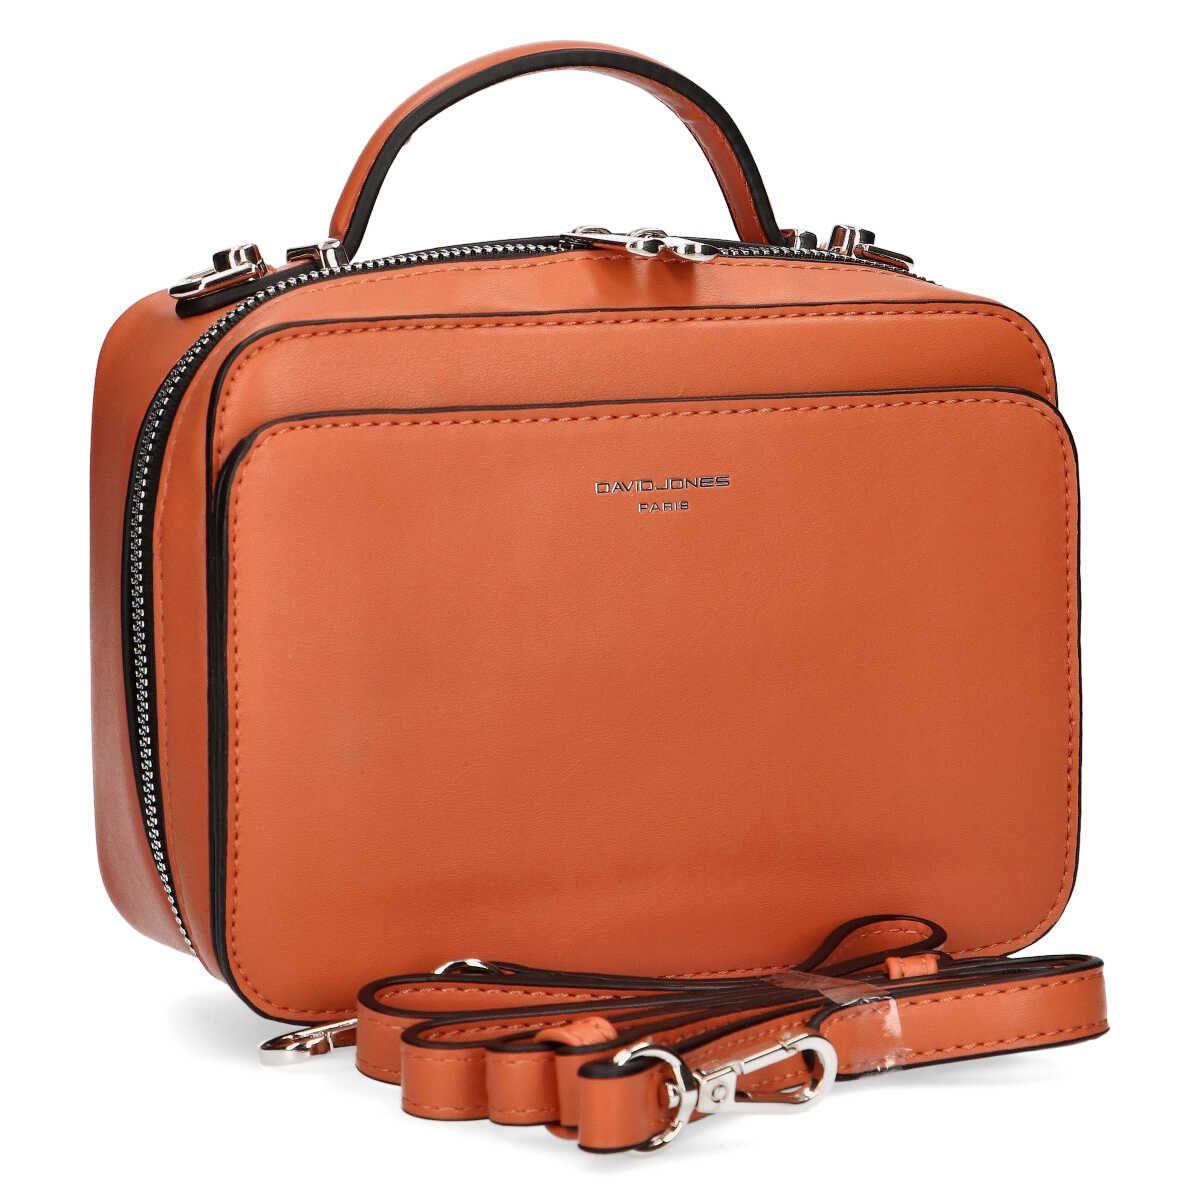 کیف رو دوشی زنانه دیوید جونز مدل 5662 -  - 6